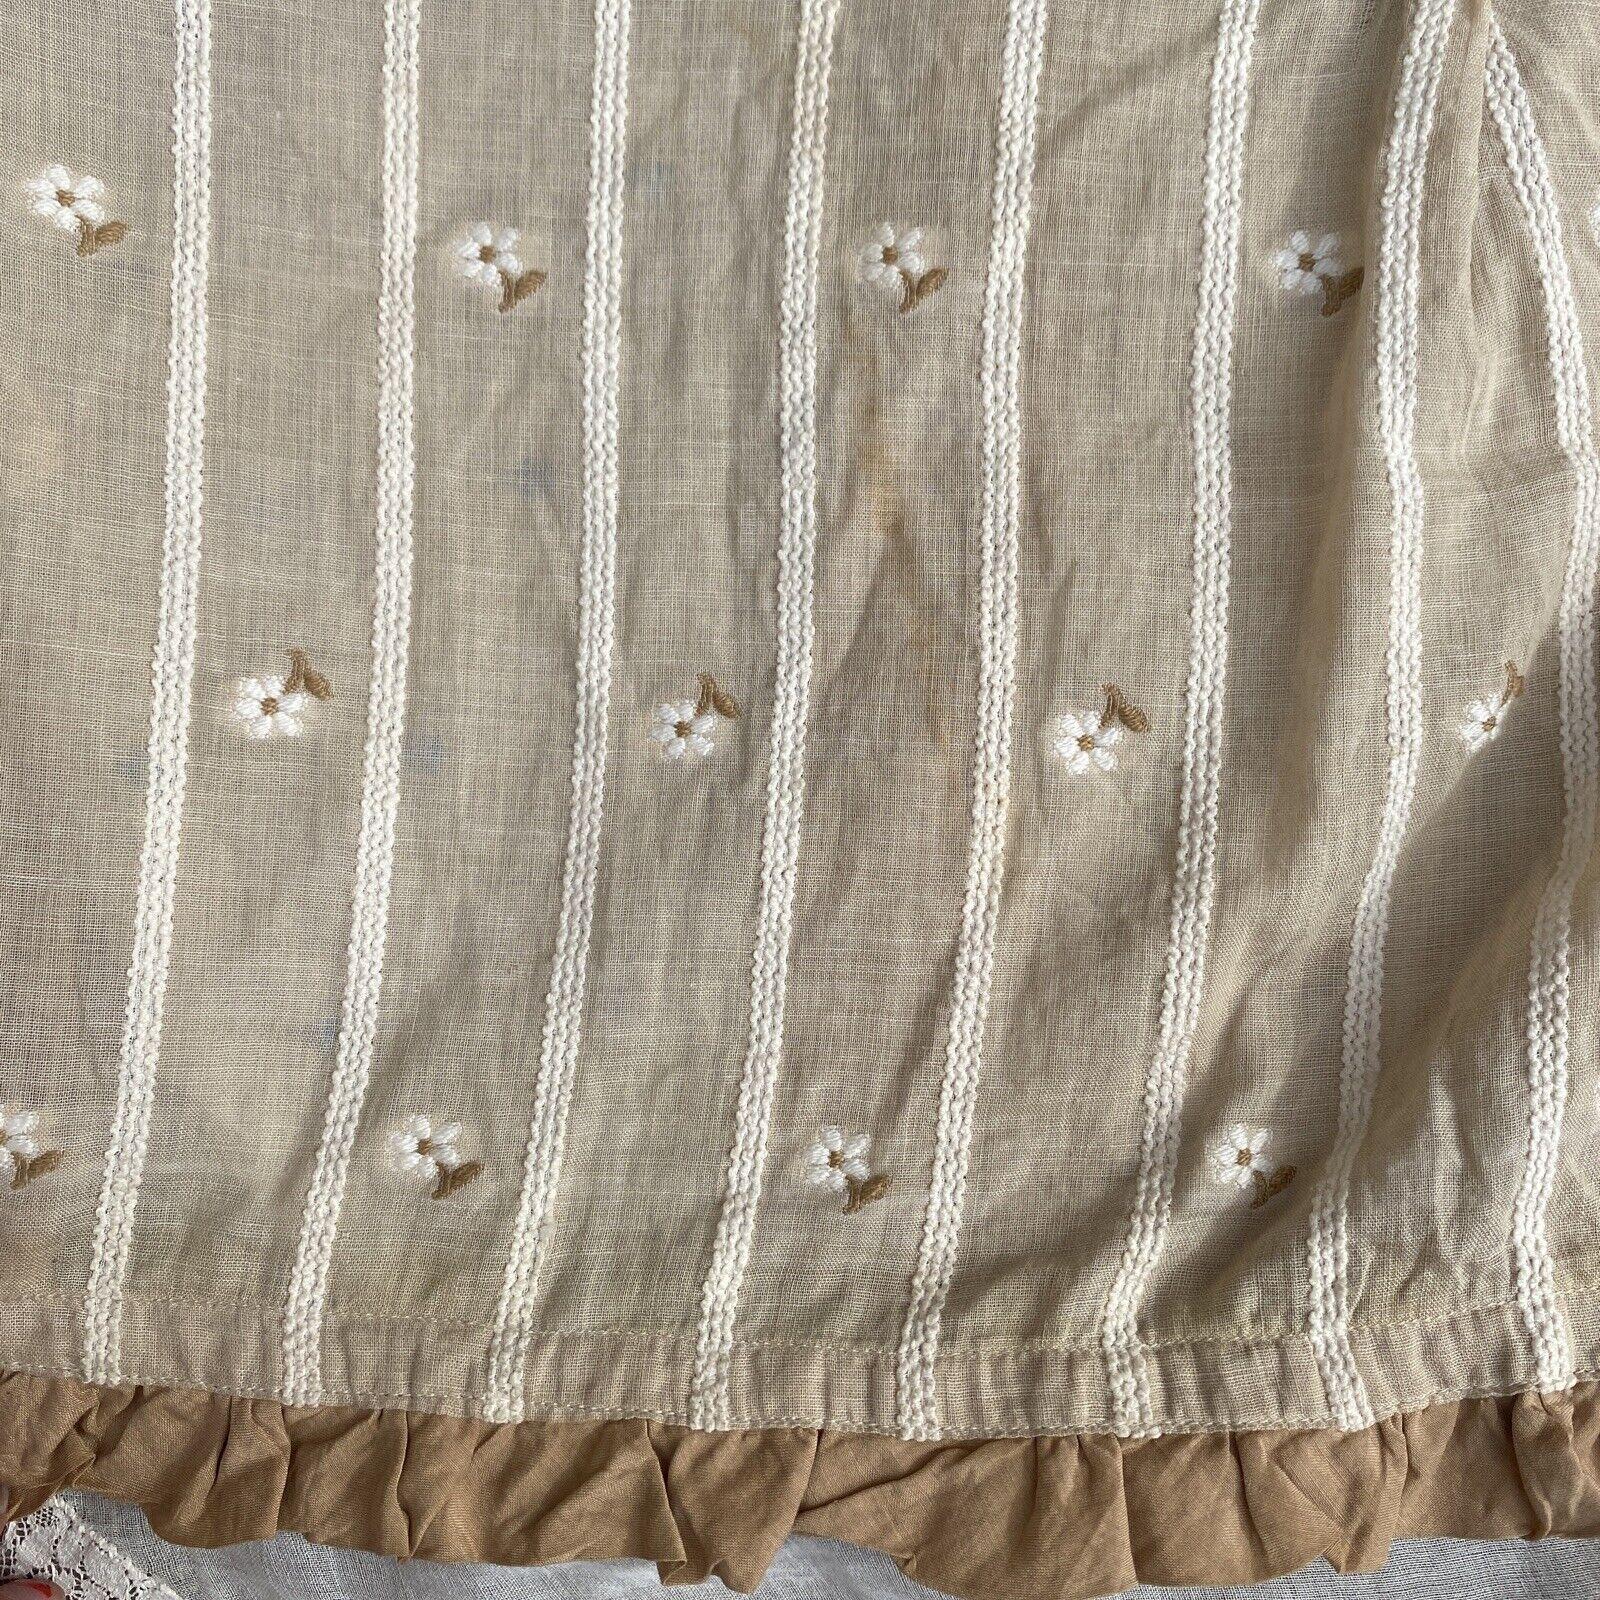 Antique Edwardian Ecru Cotton Blouse Top Embroide… - image 9